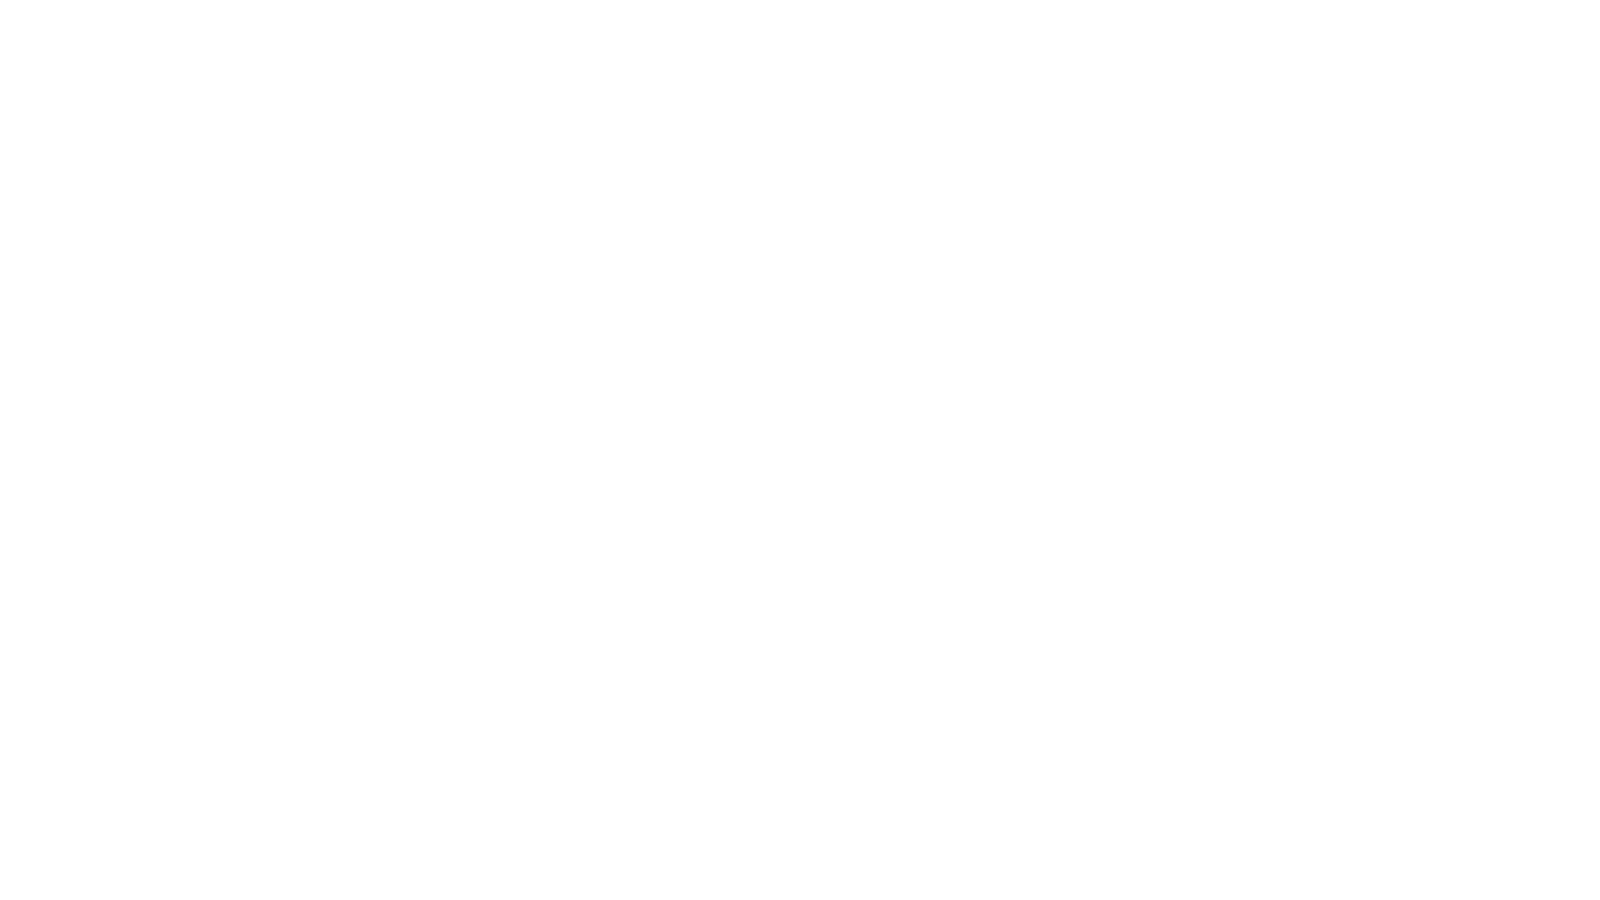 Selles intervjuus räägib HardEST enduro sarja peakorraldaja Urmas Peegel nii 2021 aastal ellu kutsutud HardEST enduro sarjast, kui ka selle hüppelauast Piksepini karikas ning värskest projektist nimega Hard Enduro Team Estonia, mille eesmärgiks eestlaste viimine hard ja super enduro maailma tippu.